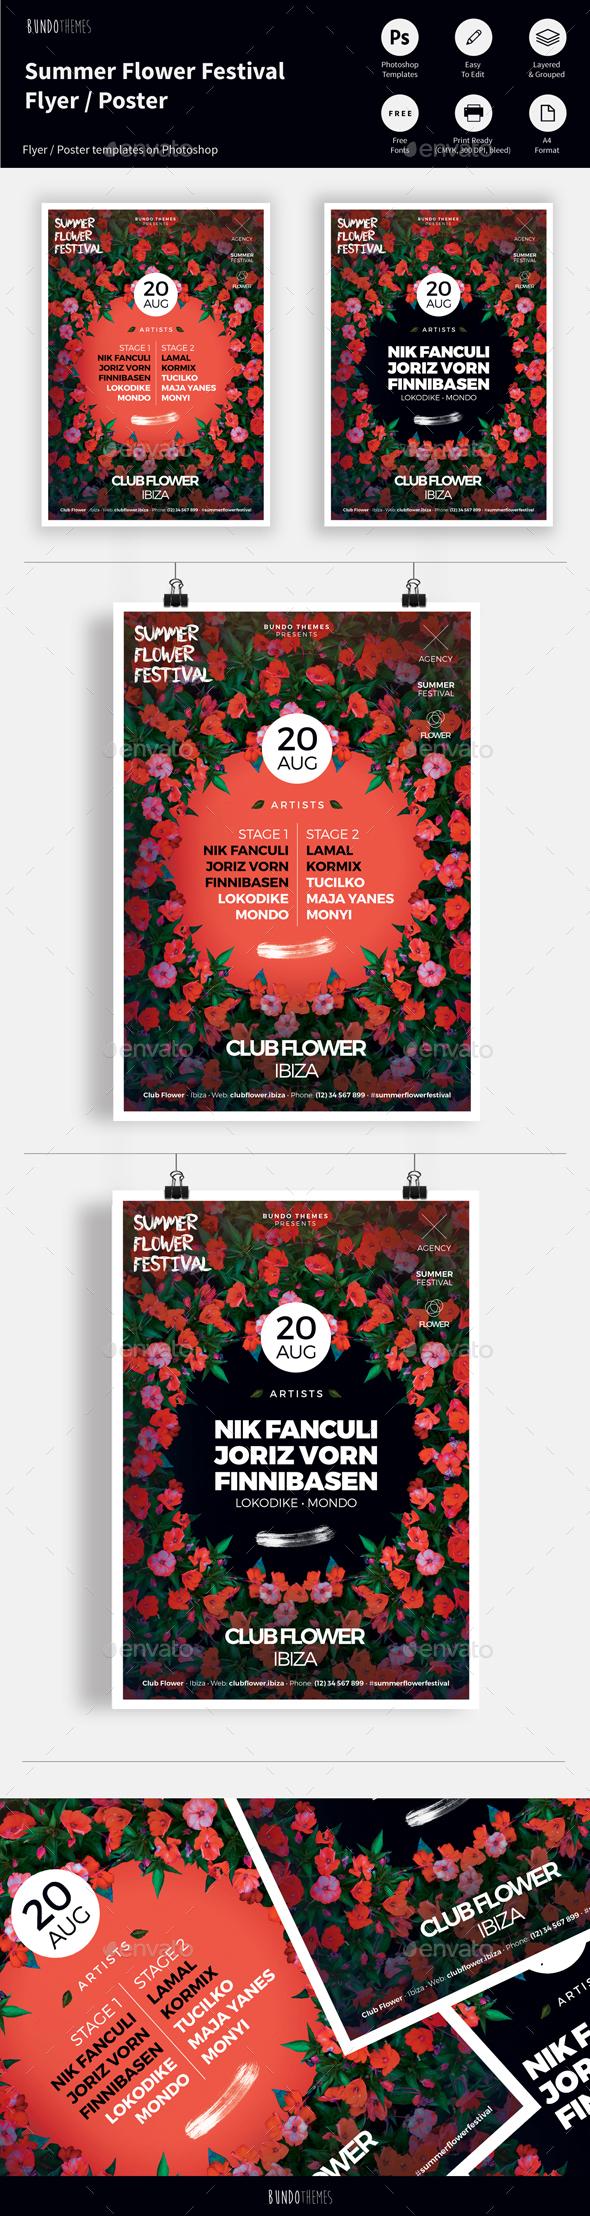 Summer Flower Festival Flyer / Poster